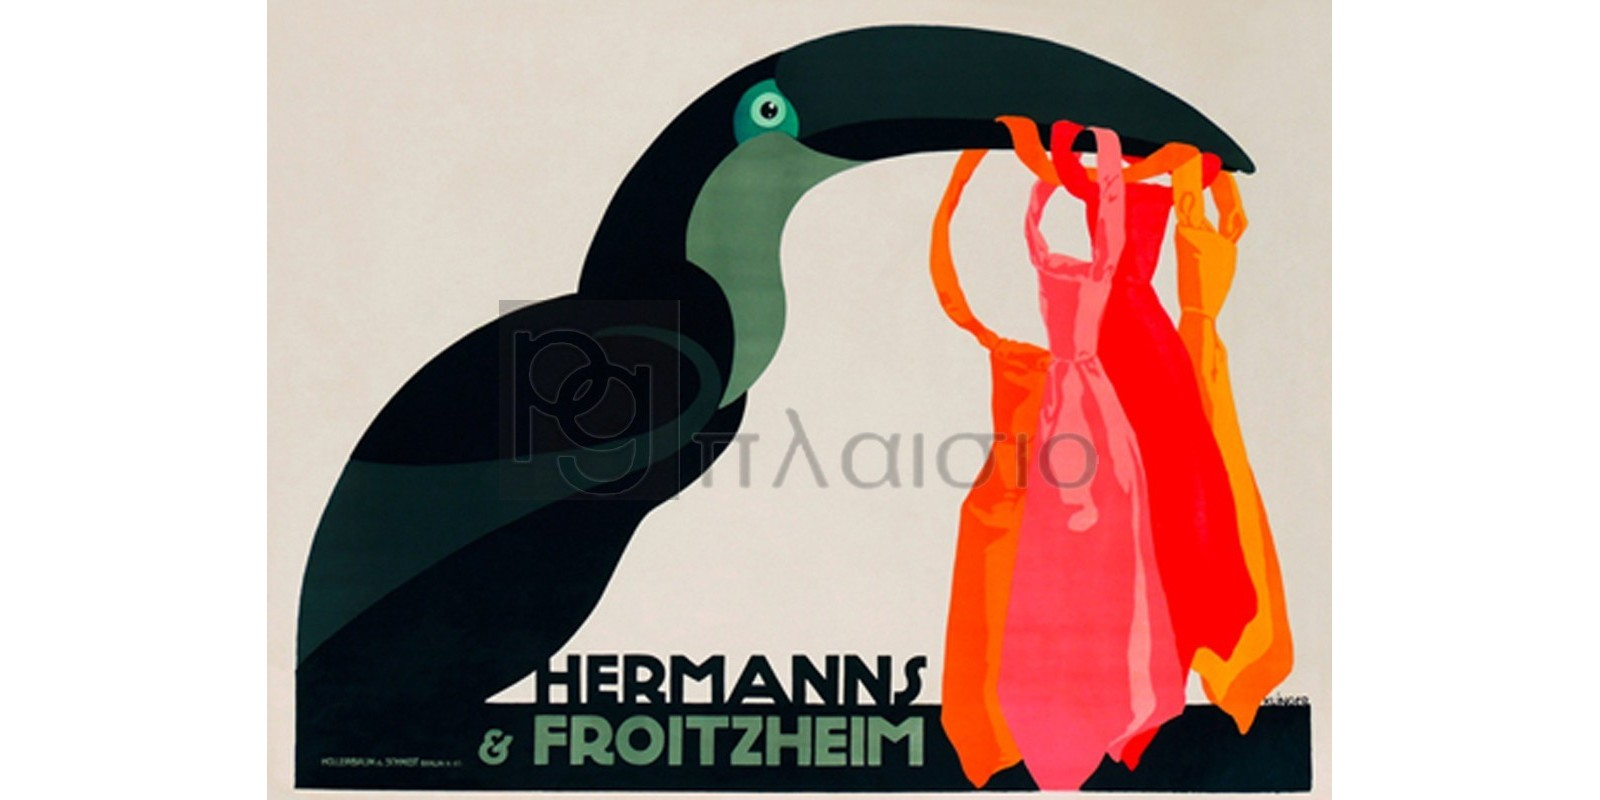 Julius Klinger - Hermanns & Froitzheim